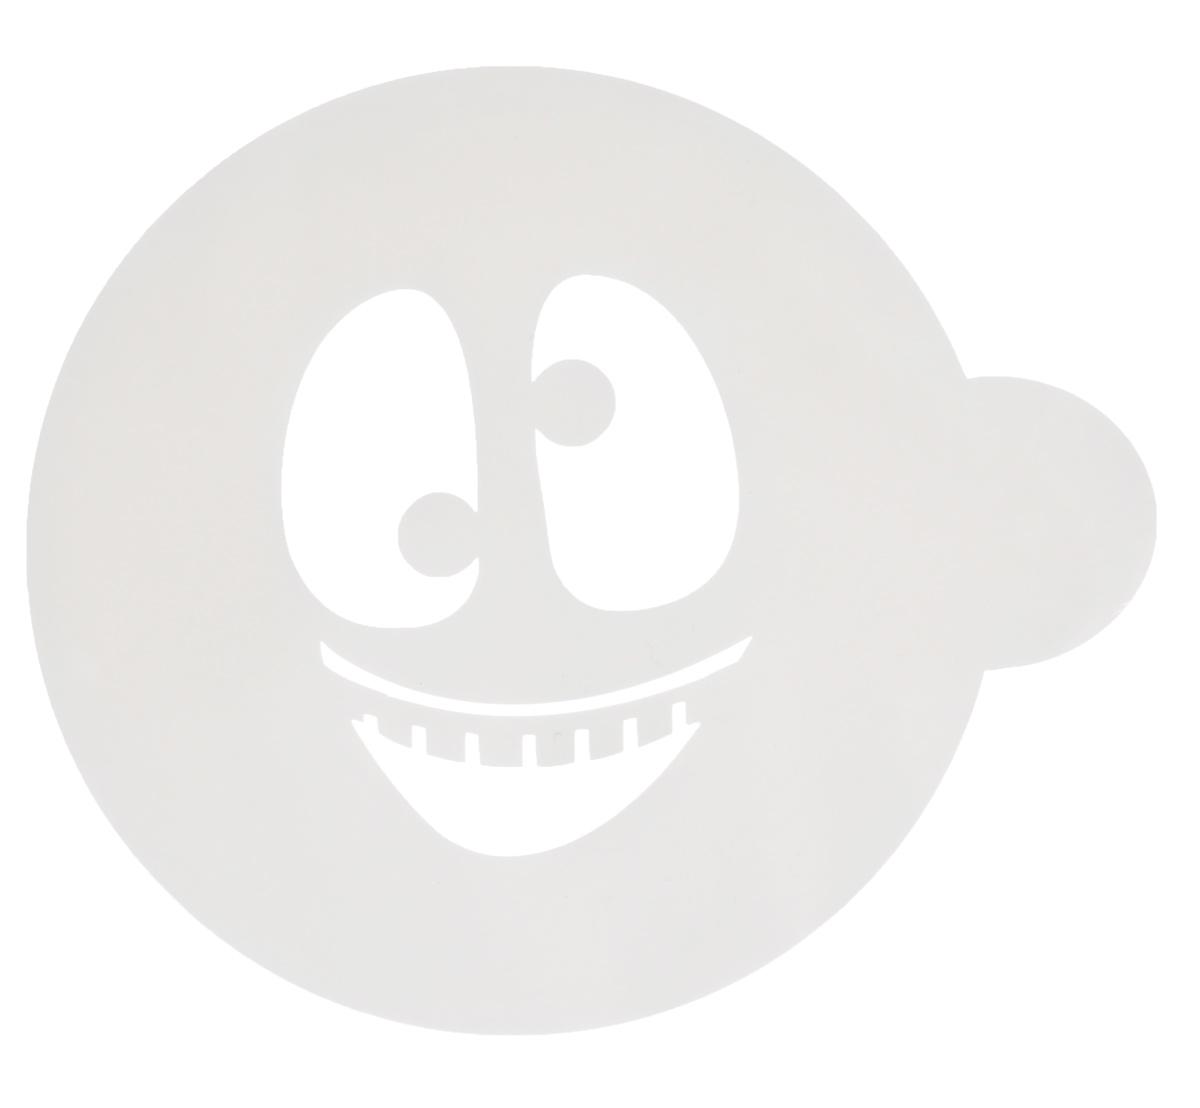 Трафарет на кофе и десерты Леденцовая фабрика Смайлик 2, диаметр 10 смТ018Трафарет Леденцовая фабрика Смайлик 2 представляет собой пластину с прорезями, через которые пищевая краска (сахарная пудра, какао, шоколад, сливки, корица, дробленый орех) наносится на поверхность кофе, молочных коктейлей, десертов. Изделие изготовлено из матового пищевого пластика 250 мкм и пригодно для контакта с пищевыми продуктами. Трафарет многоразовый. Побалуйте себя и ваших близких красиво оформленным кофе. Диаметр трафарета: 10 см.